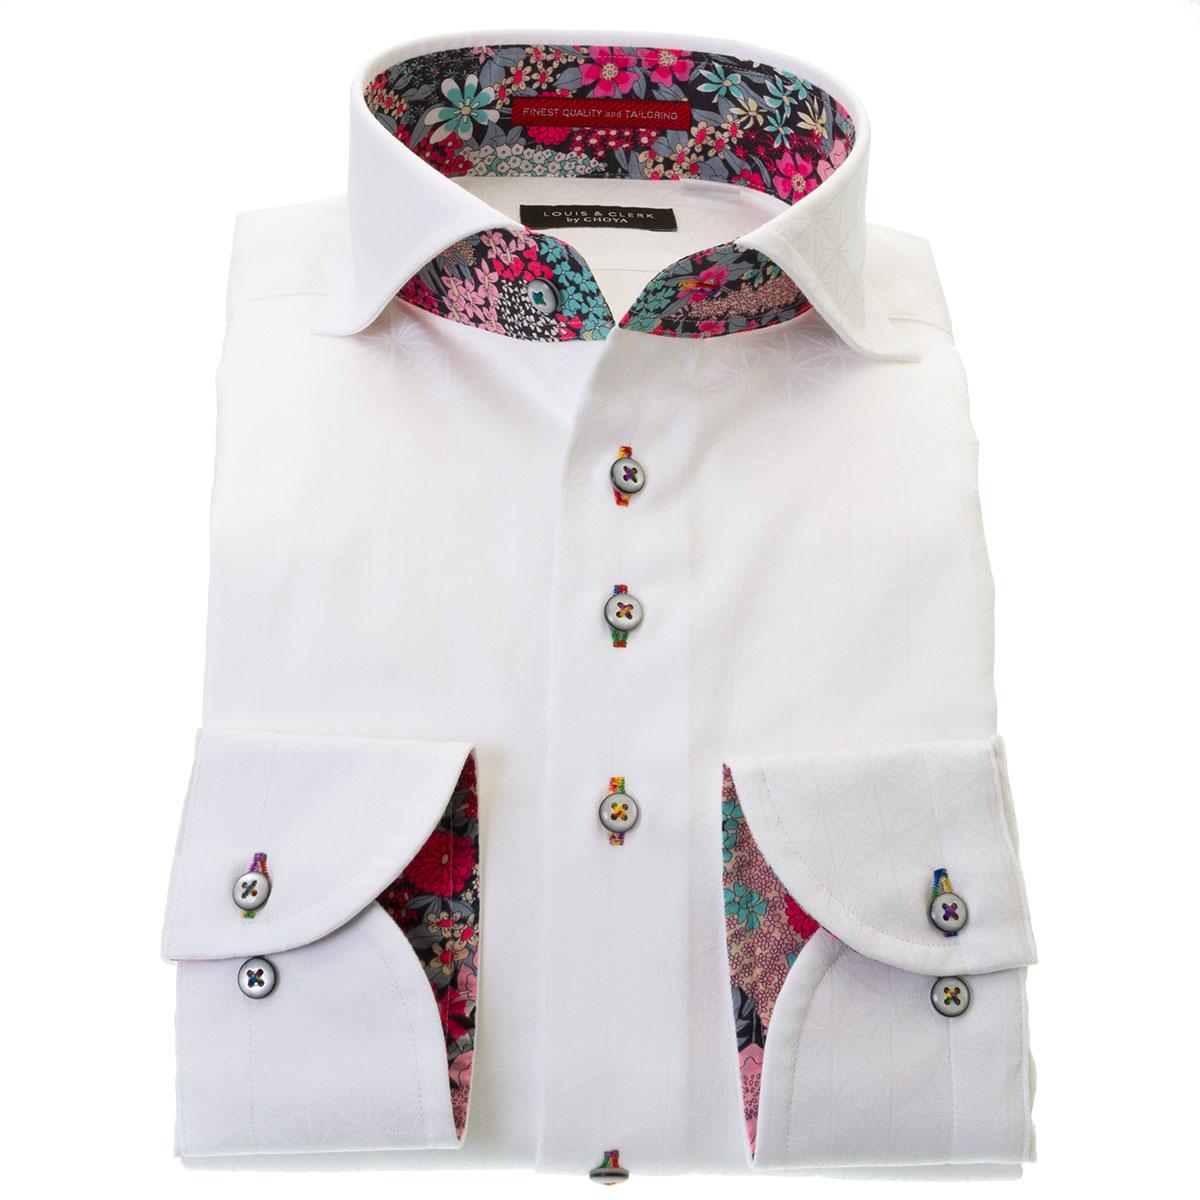 国産長袖綿100%ドレスシャツ コンフォート カッタウェイワイド ホワイト 白 ジャガード織 麻葉柄 メンズ